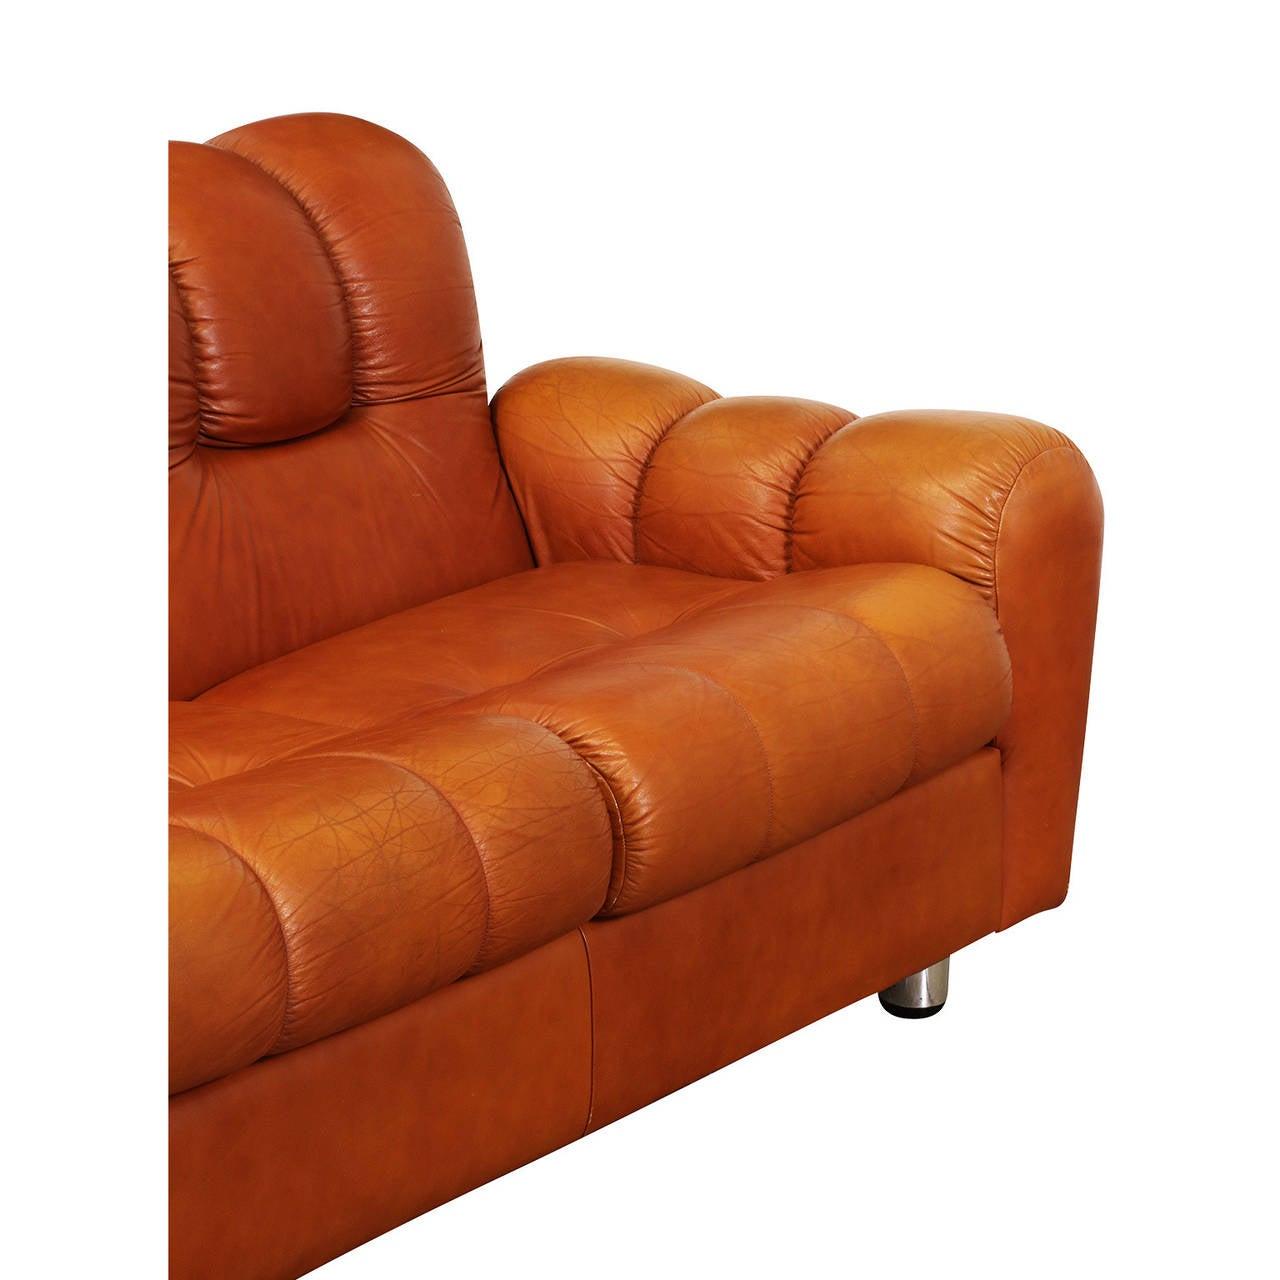 elegant image of leather tufted sofa